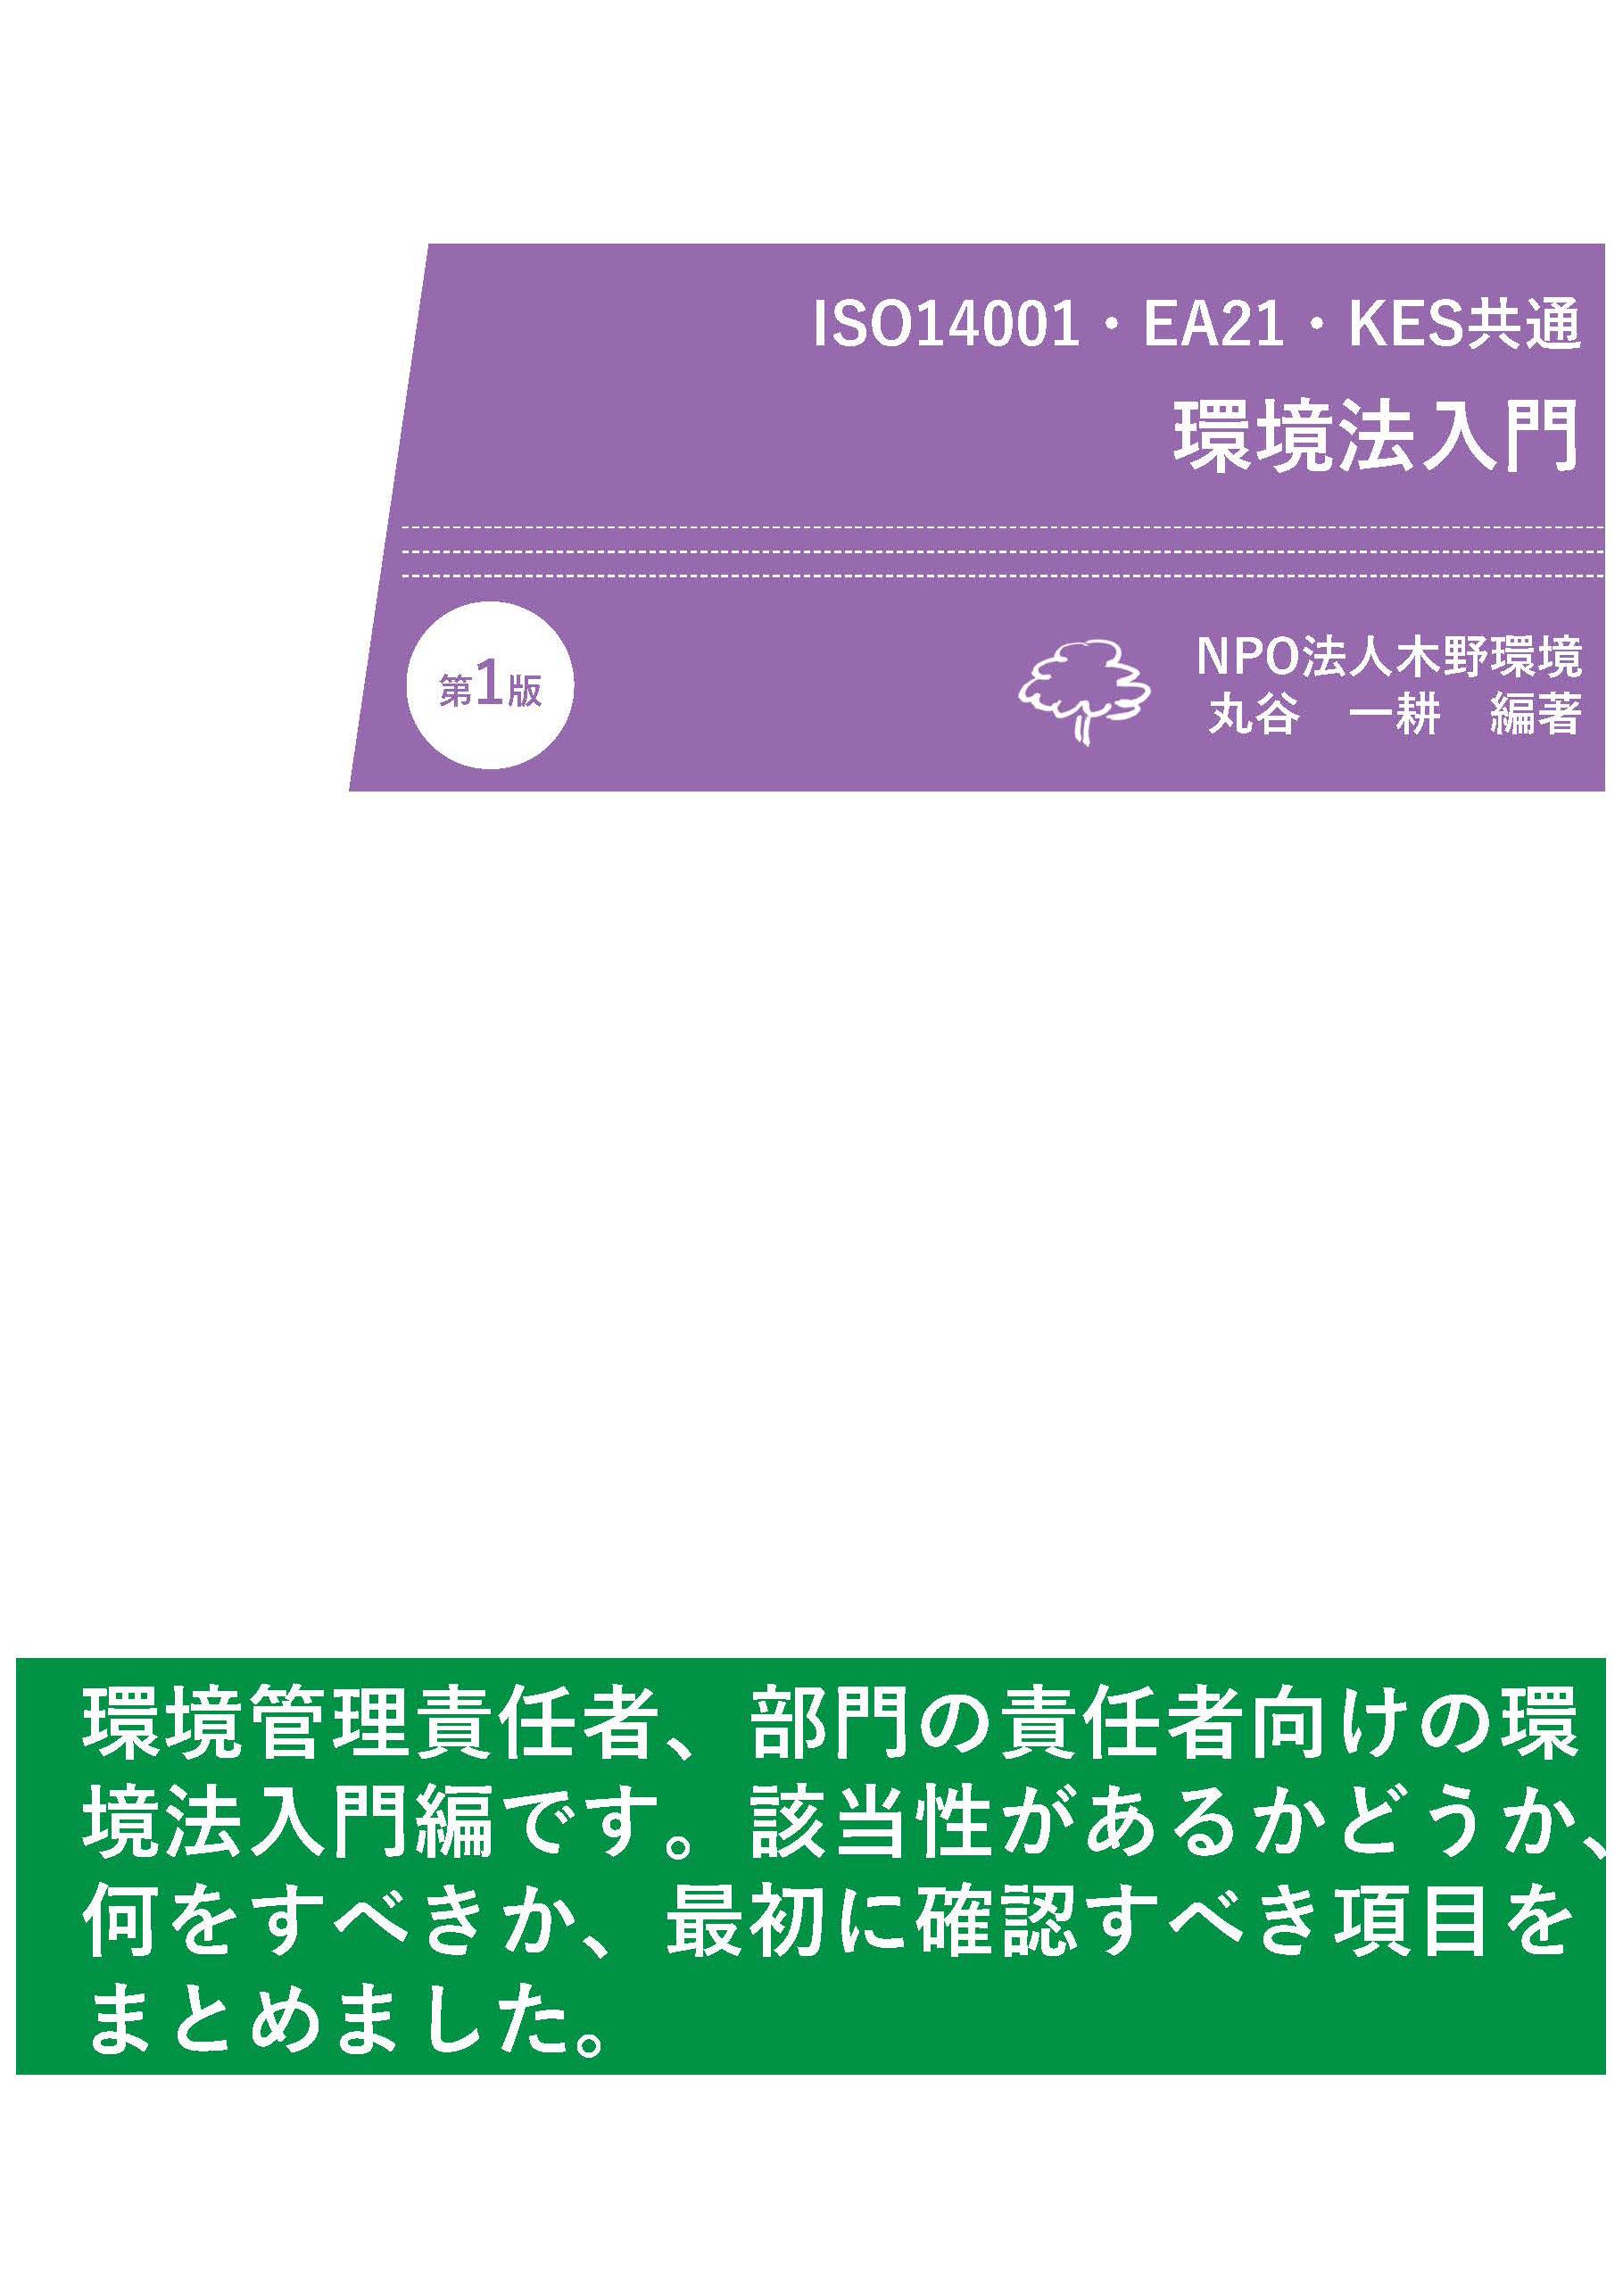 【ISO14001・EA21・KES共通】環境法入門